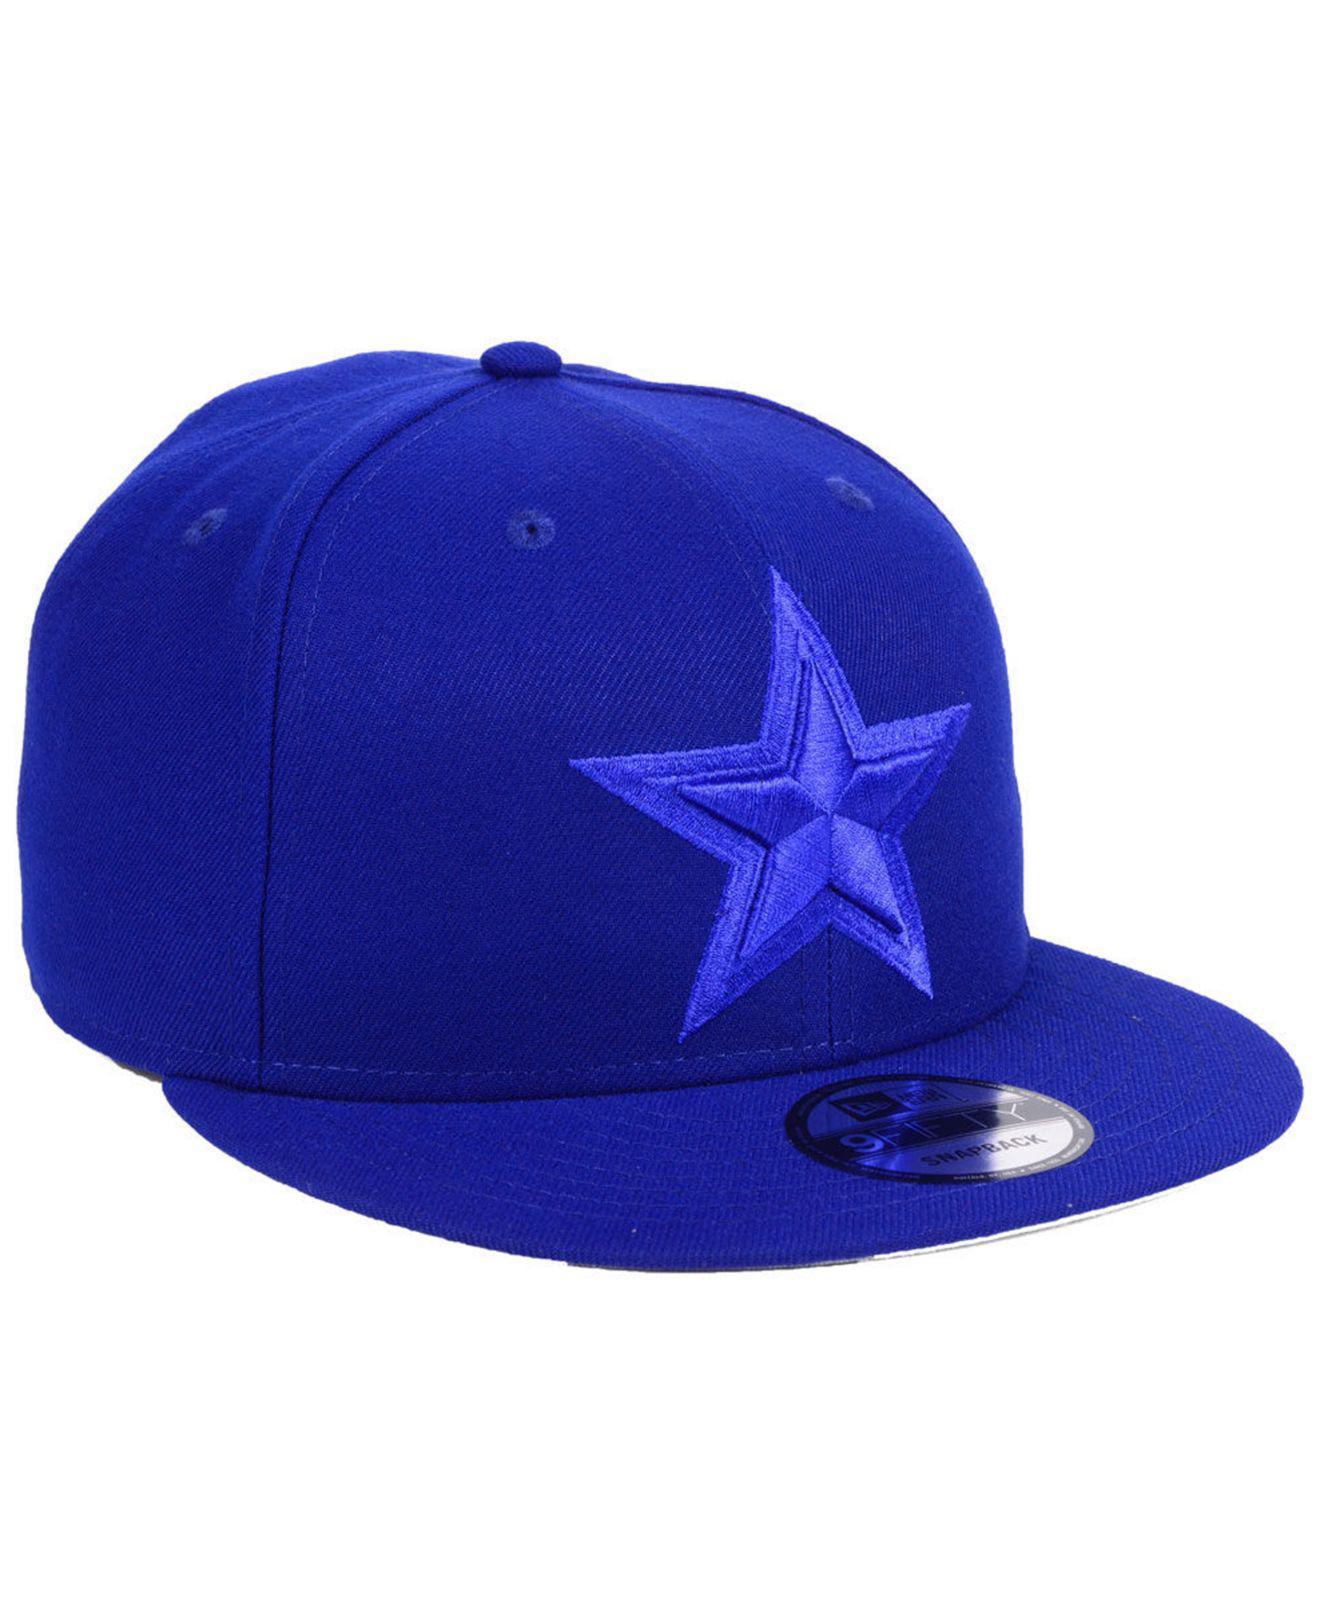 53cd65fc2ae Lyst - KTZ Dallas Cowboys Basic Fashion 9fifty Snapback Cap in Blue ...